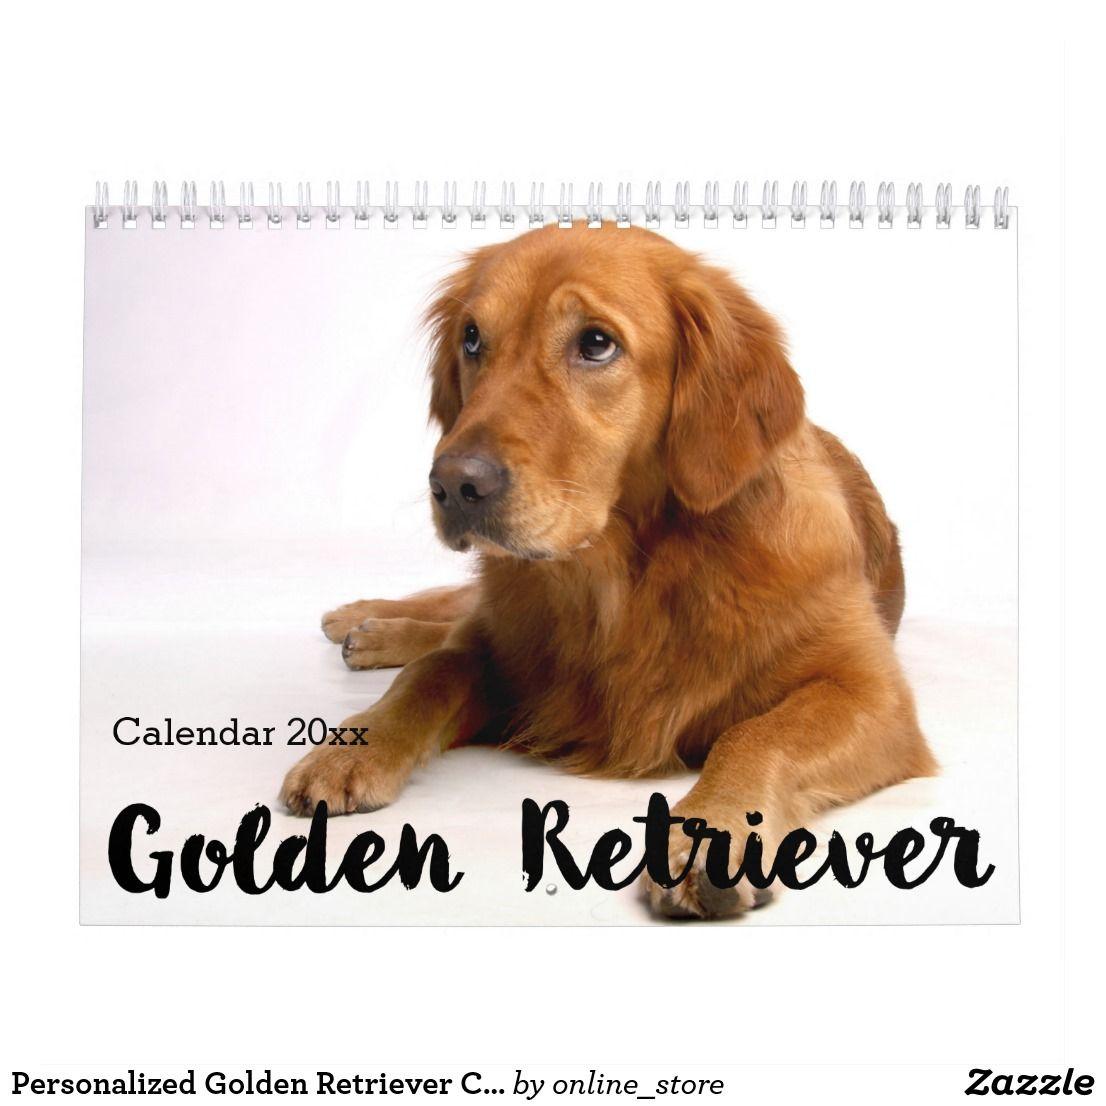 Personalized Golden Retriever Calendar 2020 Zazzle Com Dog